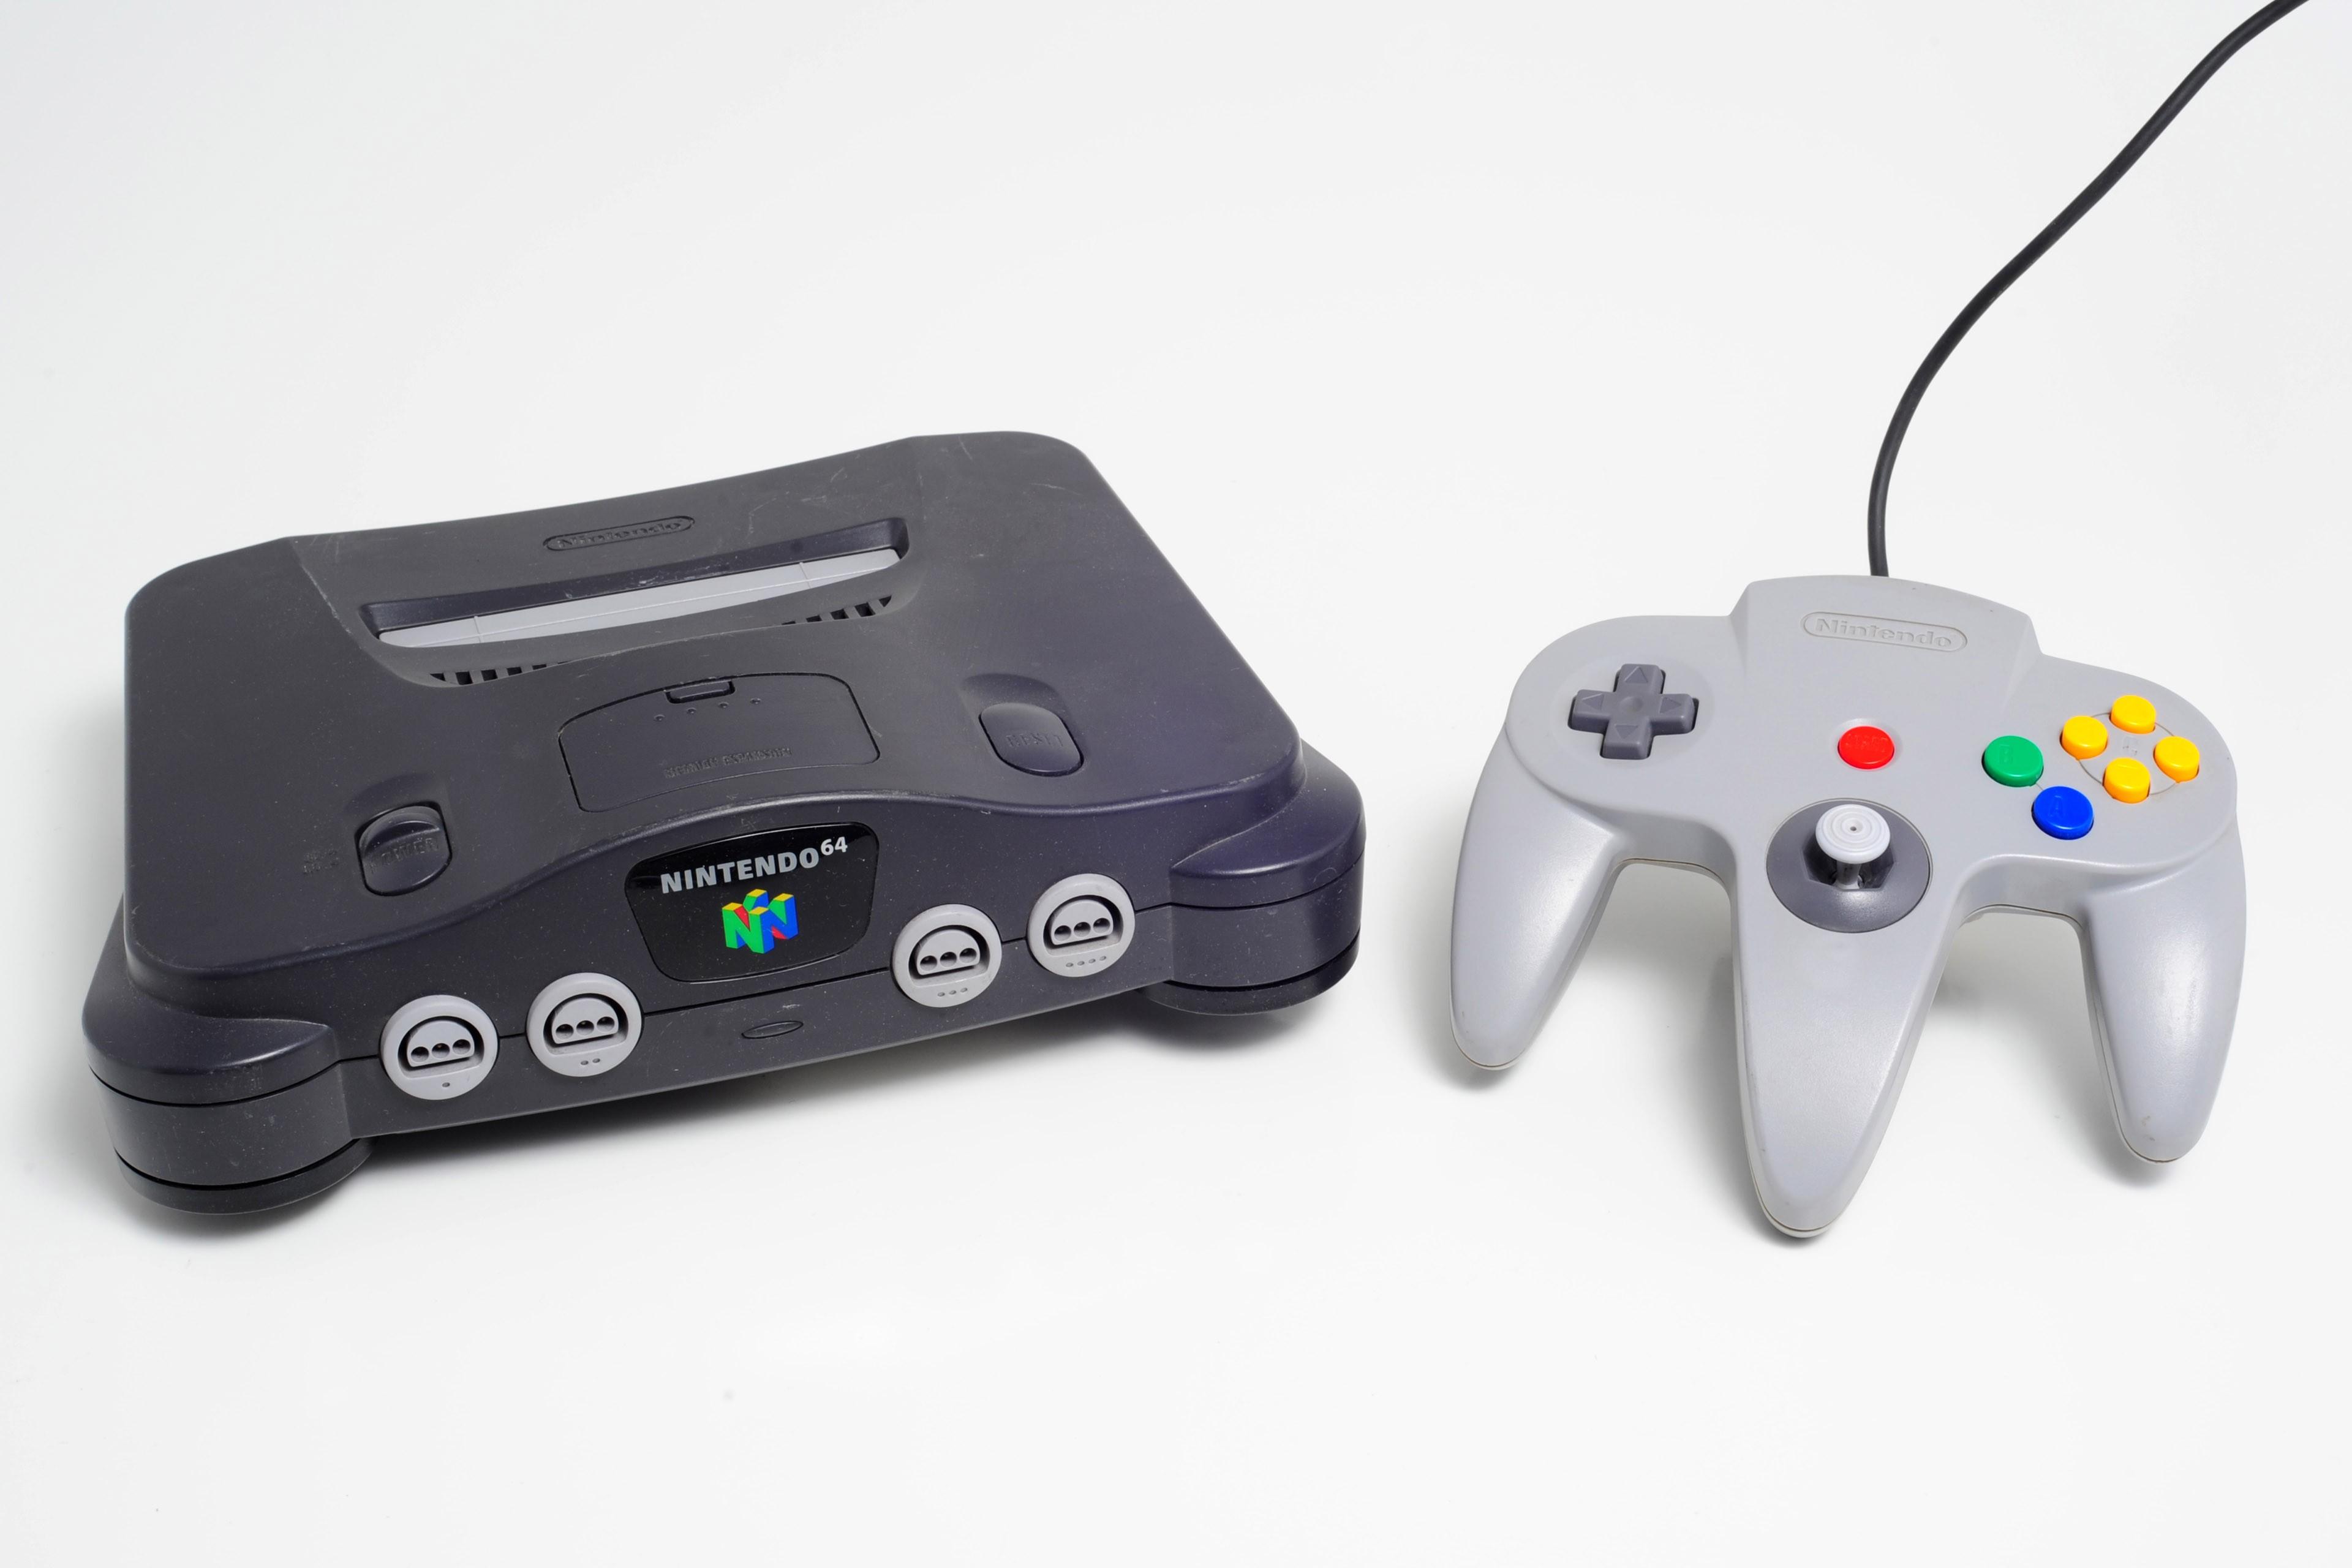 Console complète Nintendo N64, 1x manette originale N64, et fils de branchement.